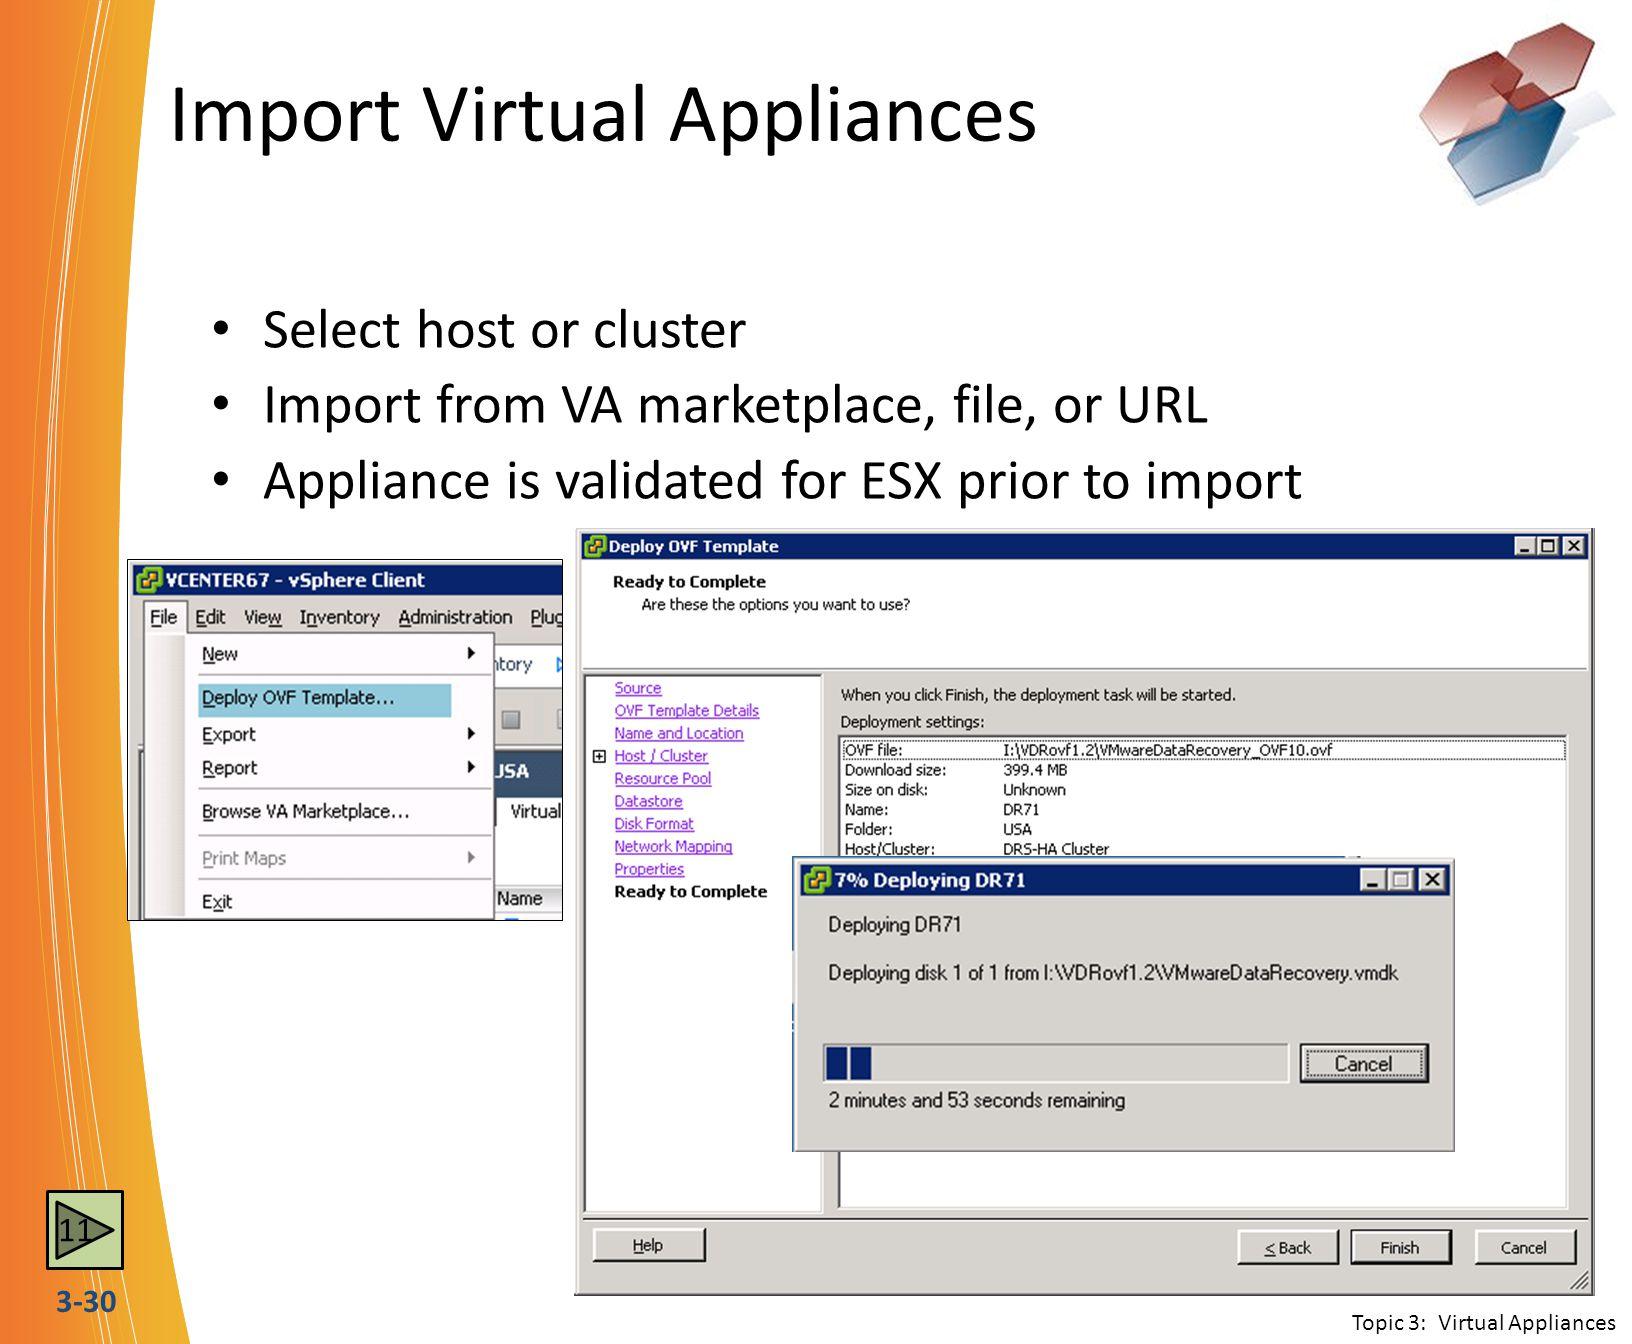 Import Virtual Appliances